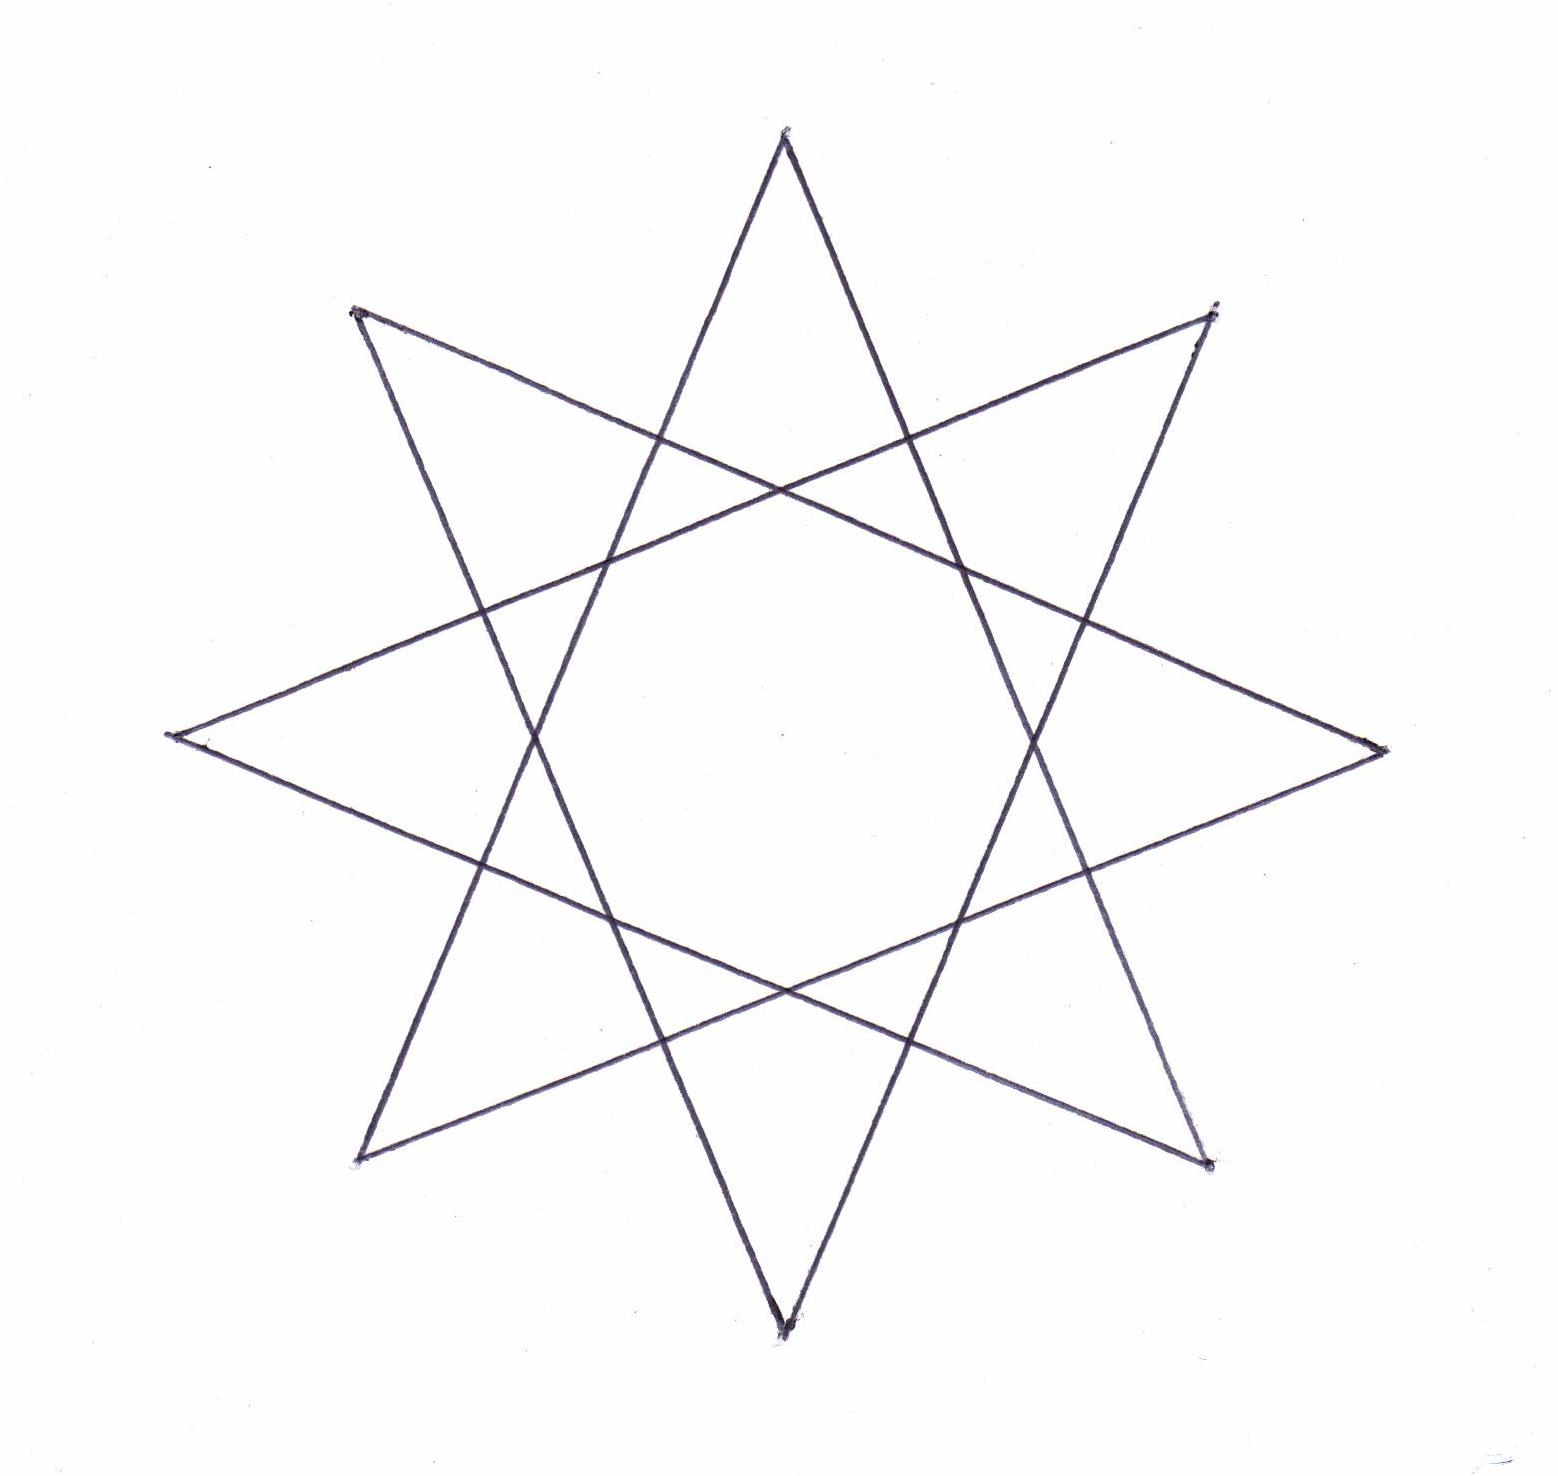 Drawn stars eight 8 established1962 STAR Stars 4